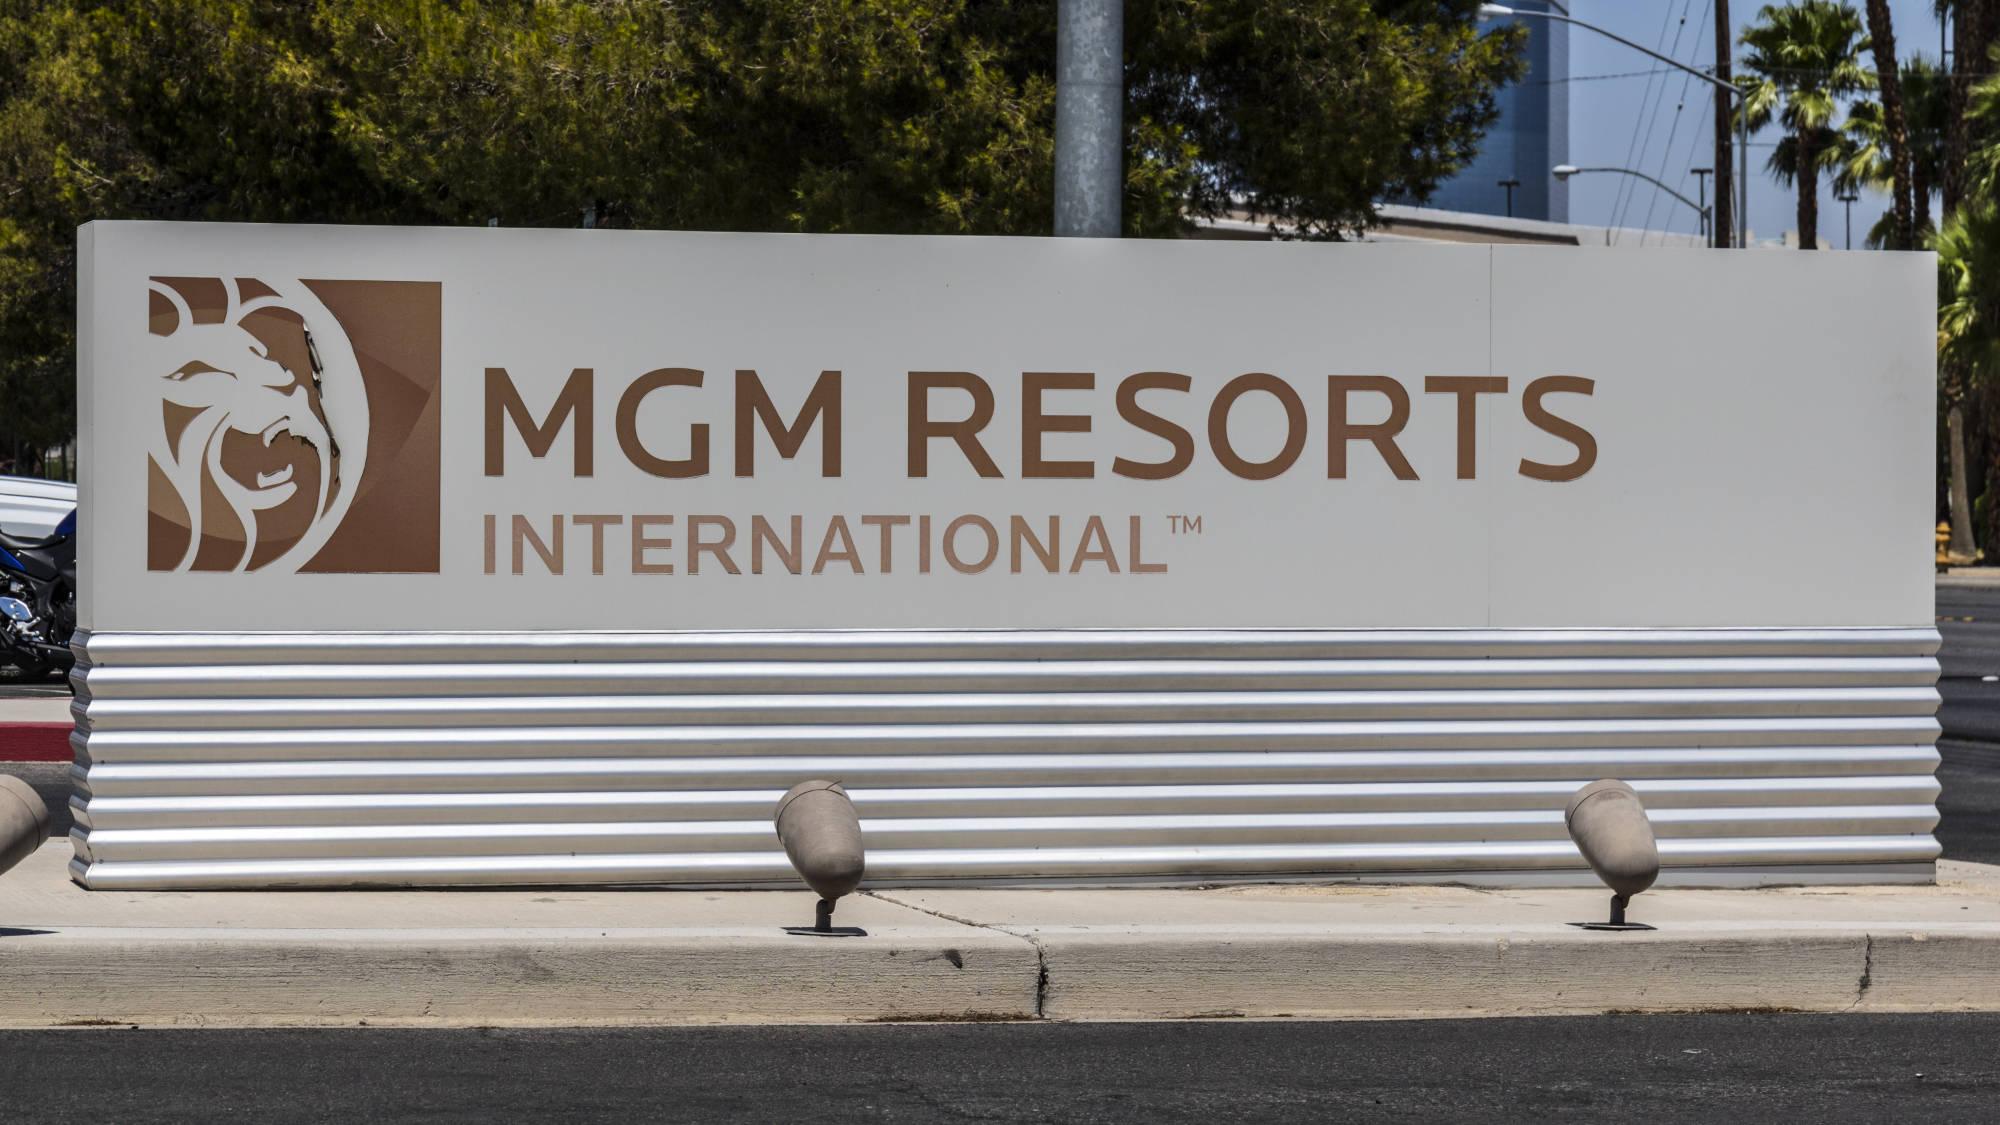 Kantor Resor MGM, Las Vegas